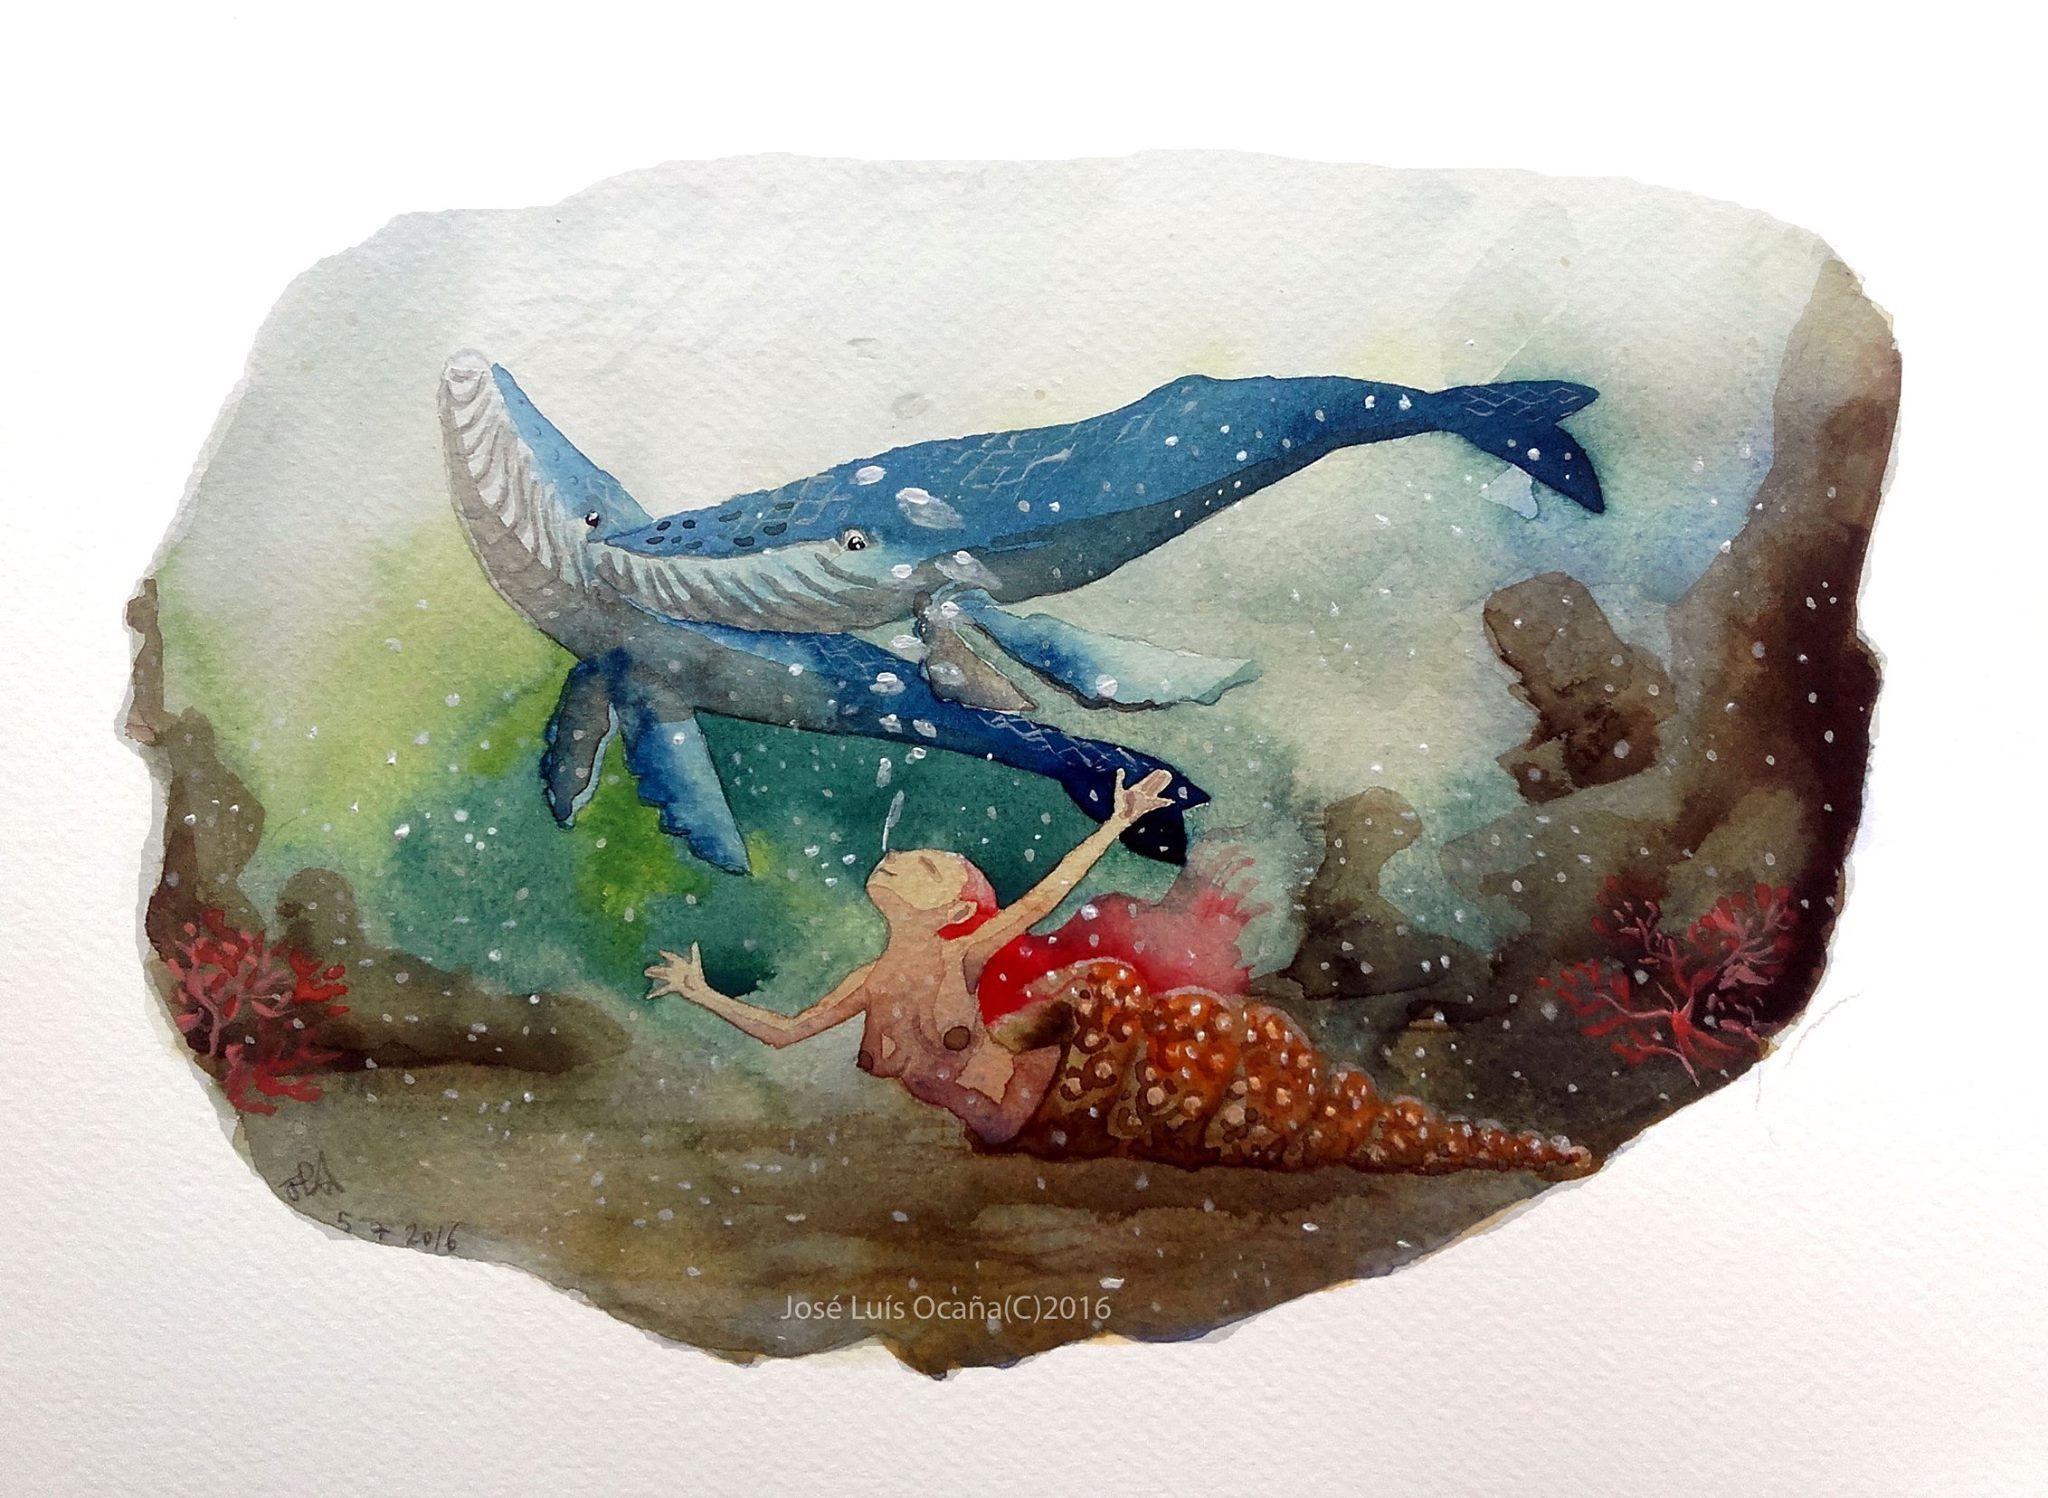 Pin de Isthar en El mar y sus criaturas | Pinterest | Criatura y El mar